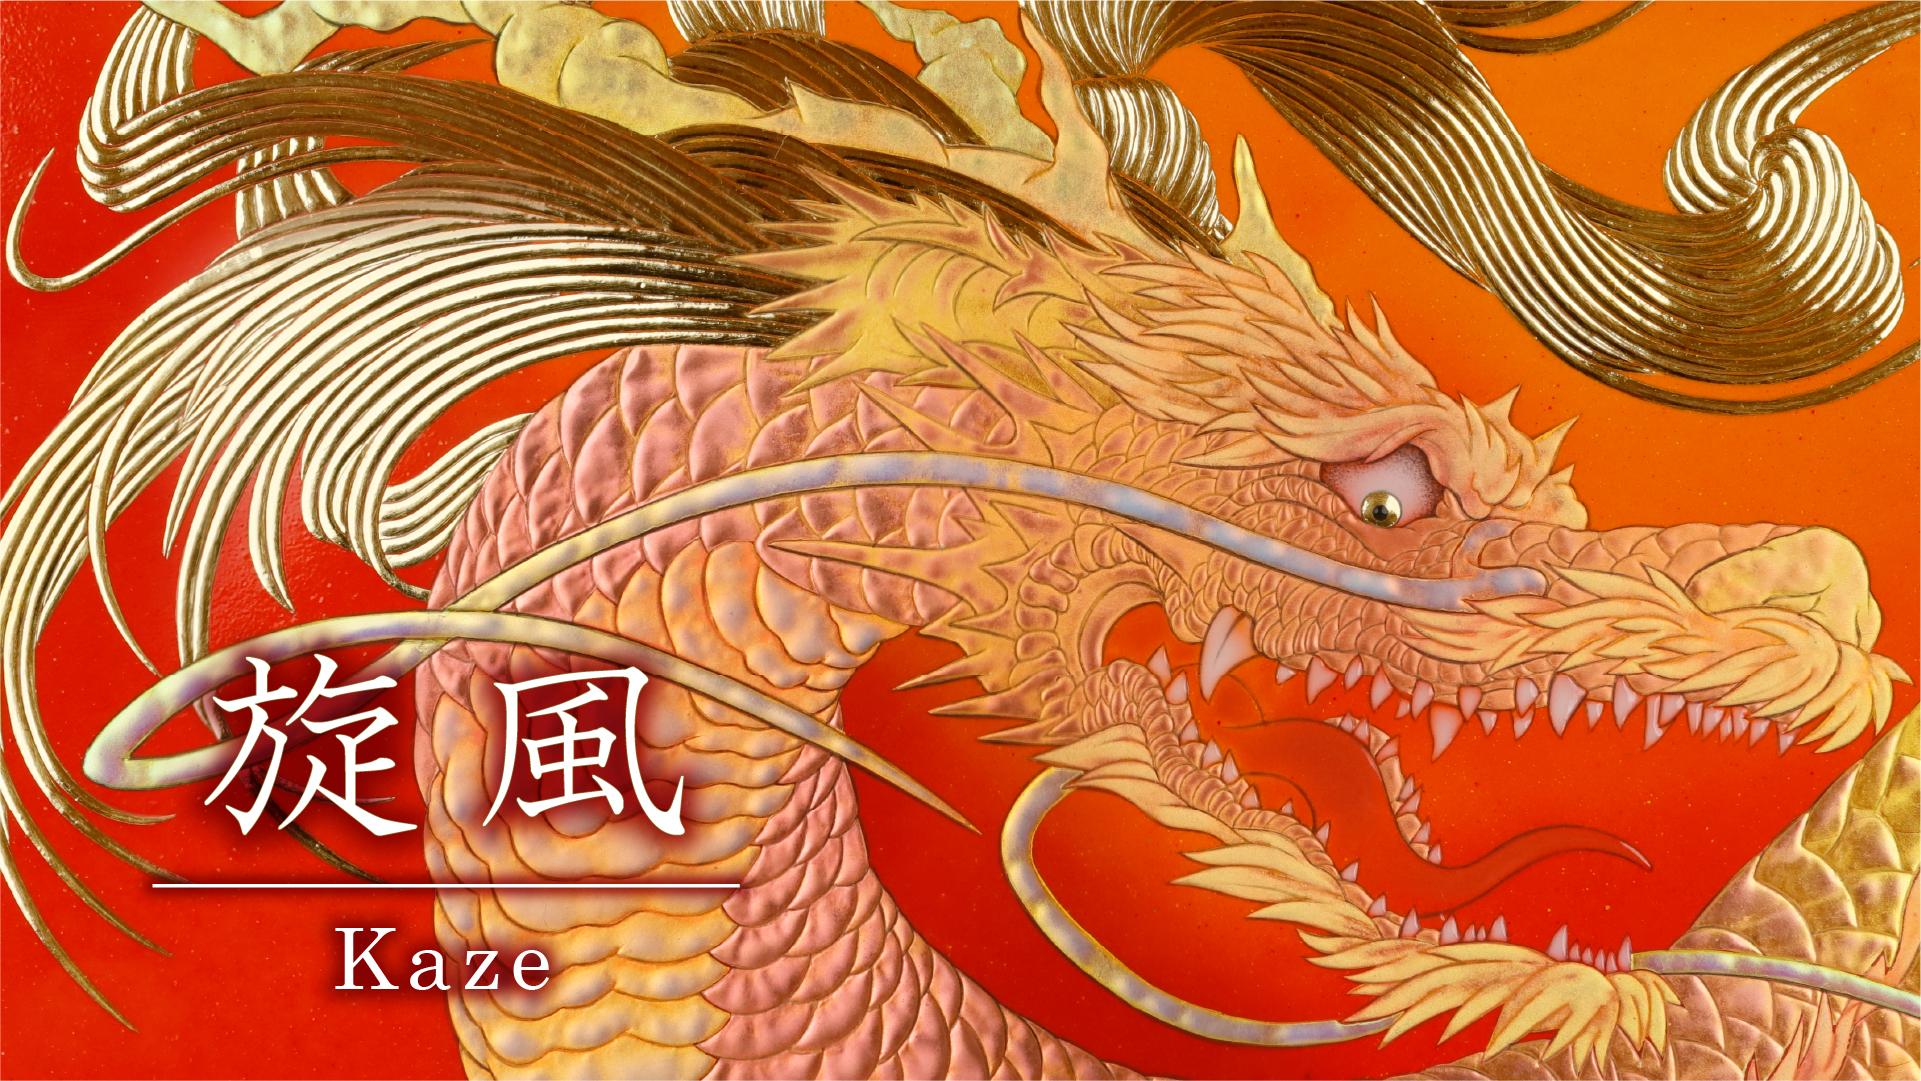 陶彩画「旋風」有田焼よりうまれた陶彩画